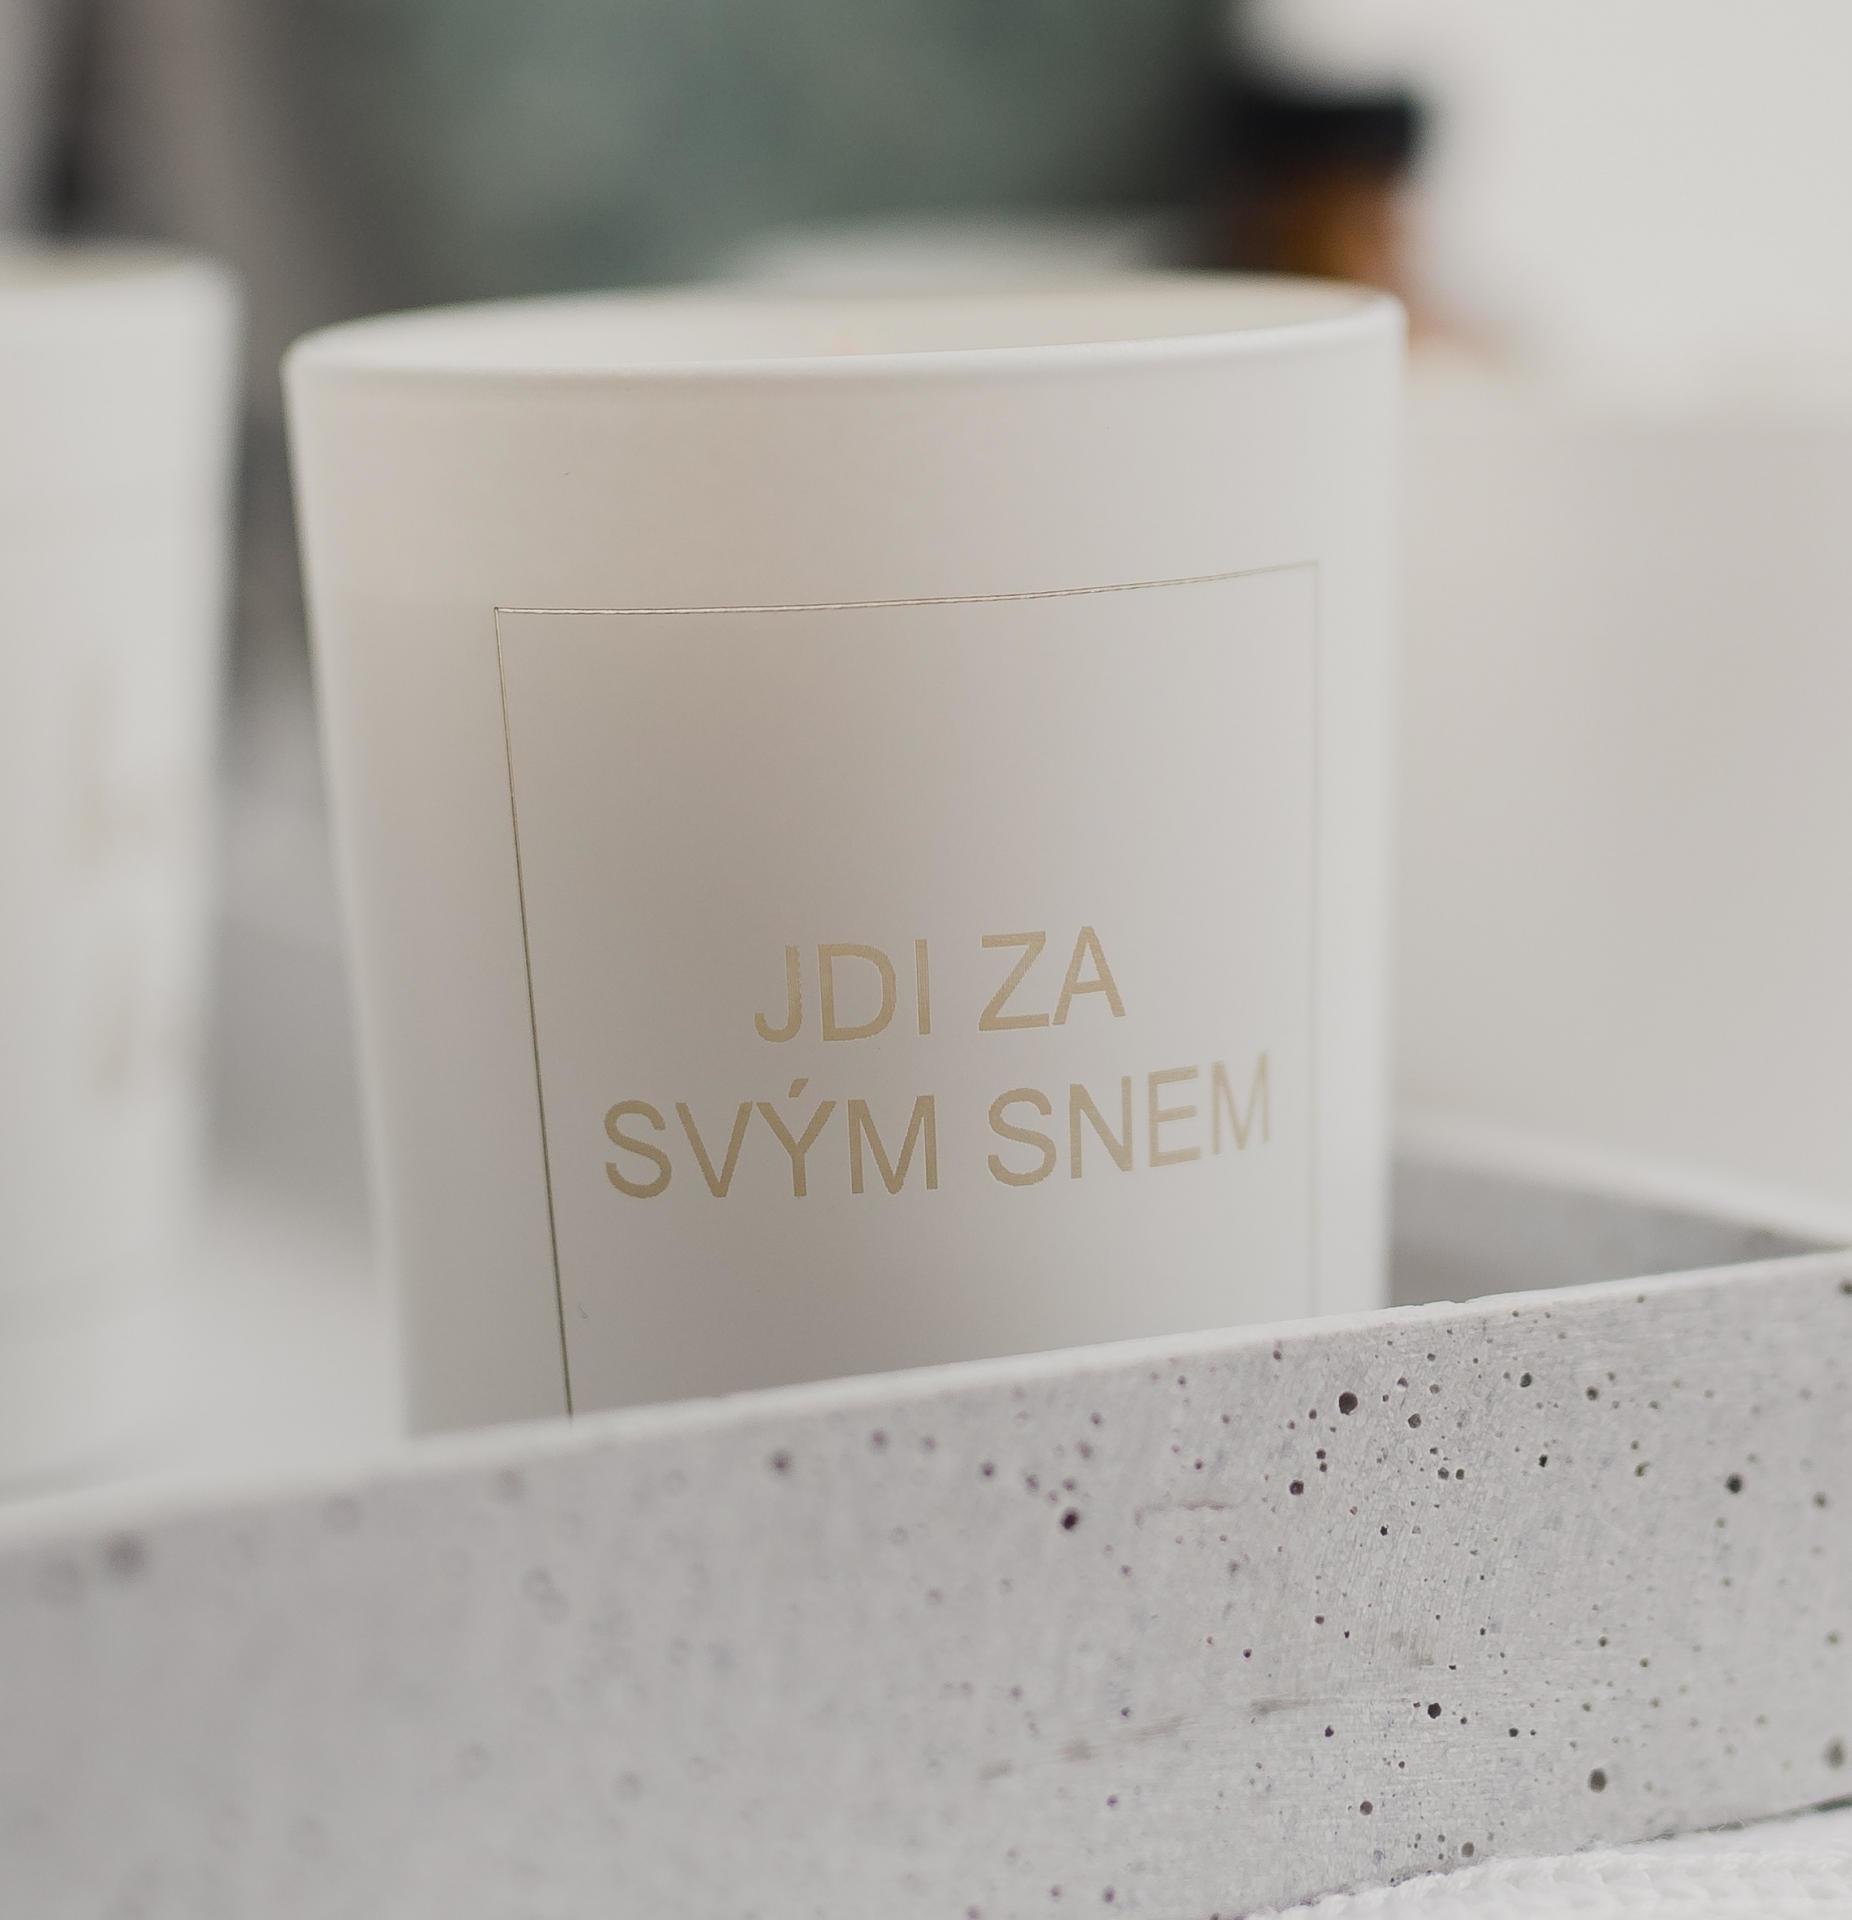 Love Inc. Bílá svíčka Jdi za svým snem - bazalka a limetka, bílá barva, sklo, dřevo, vosk